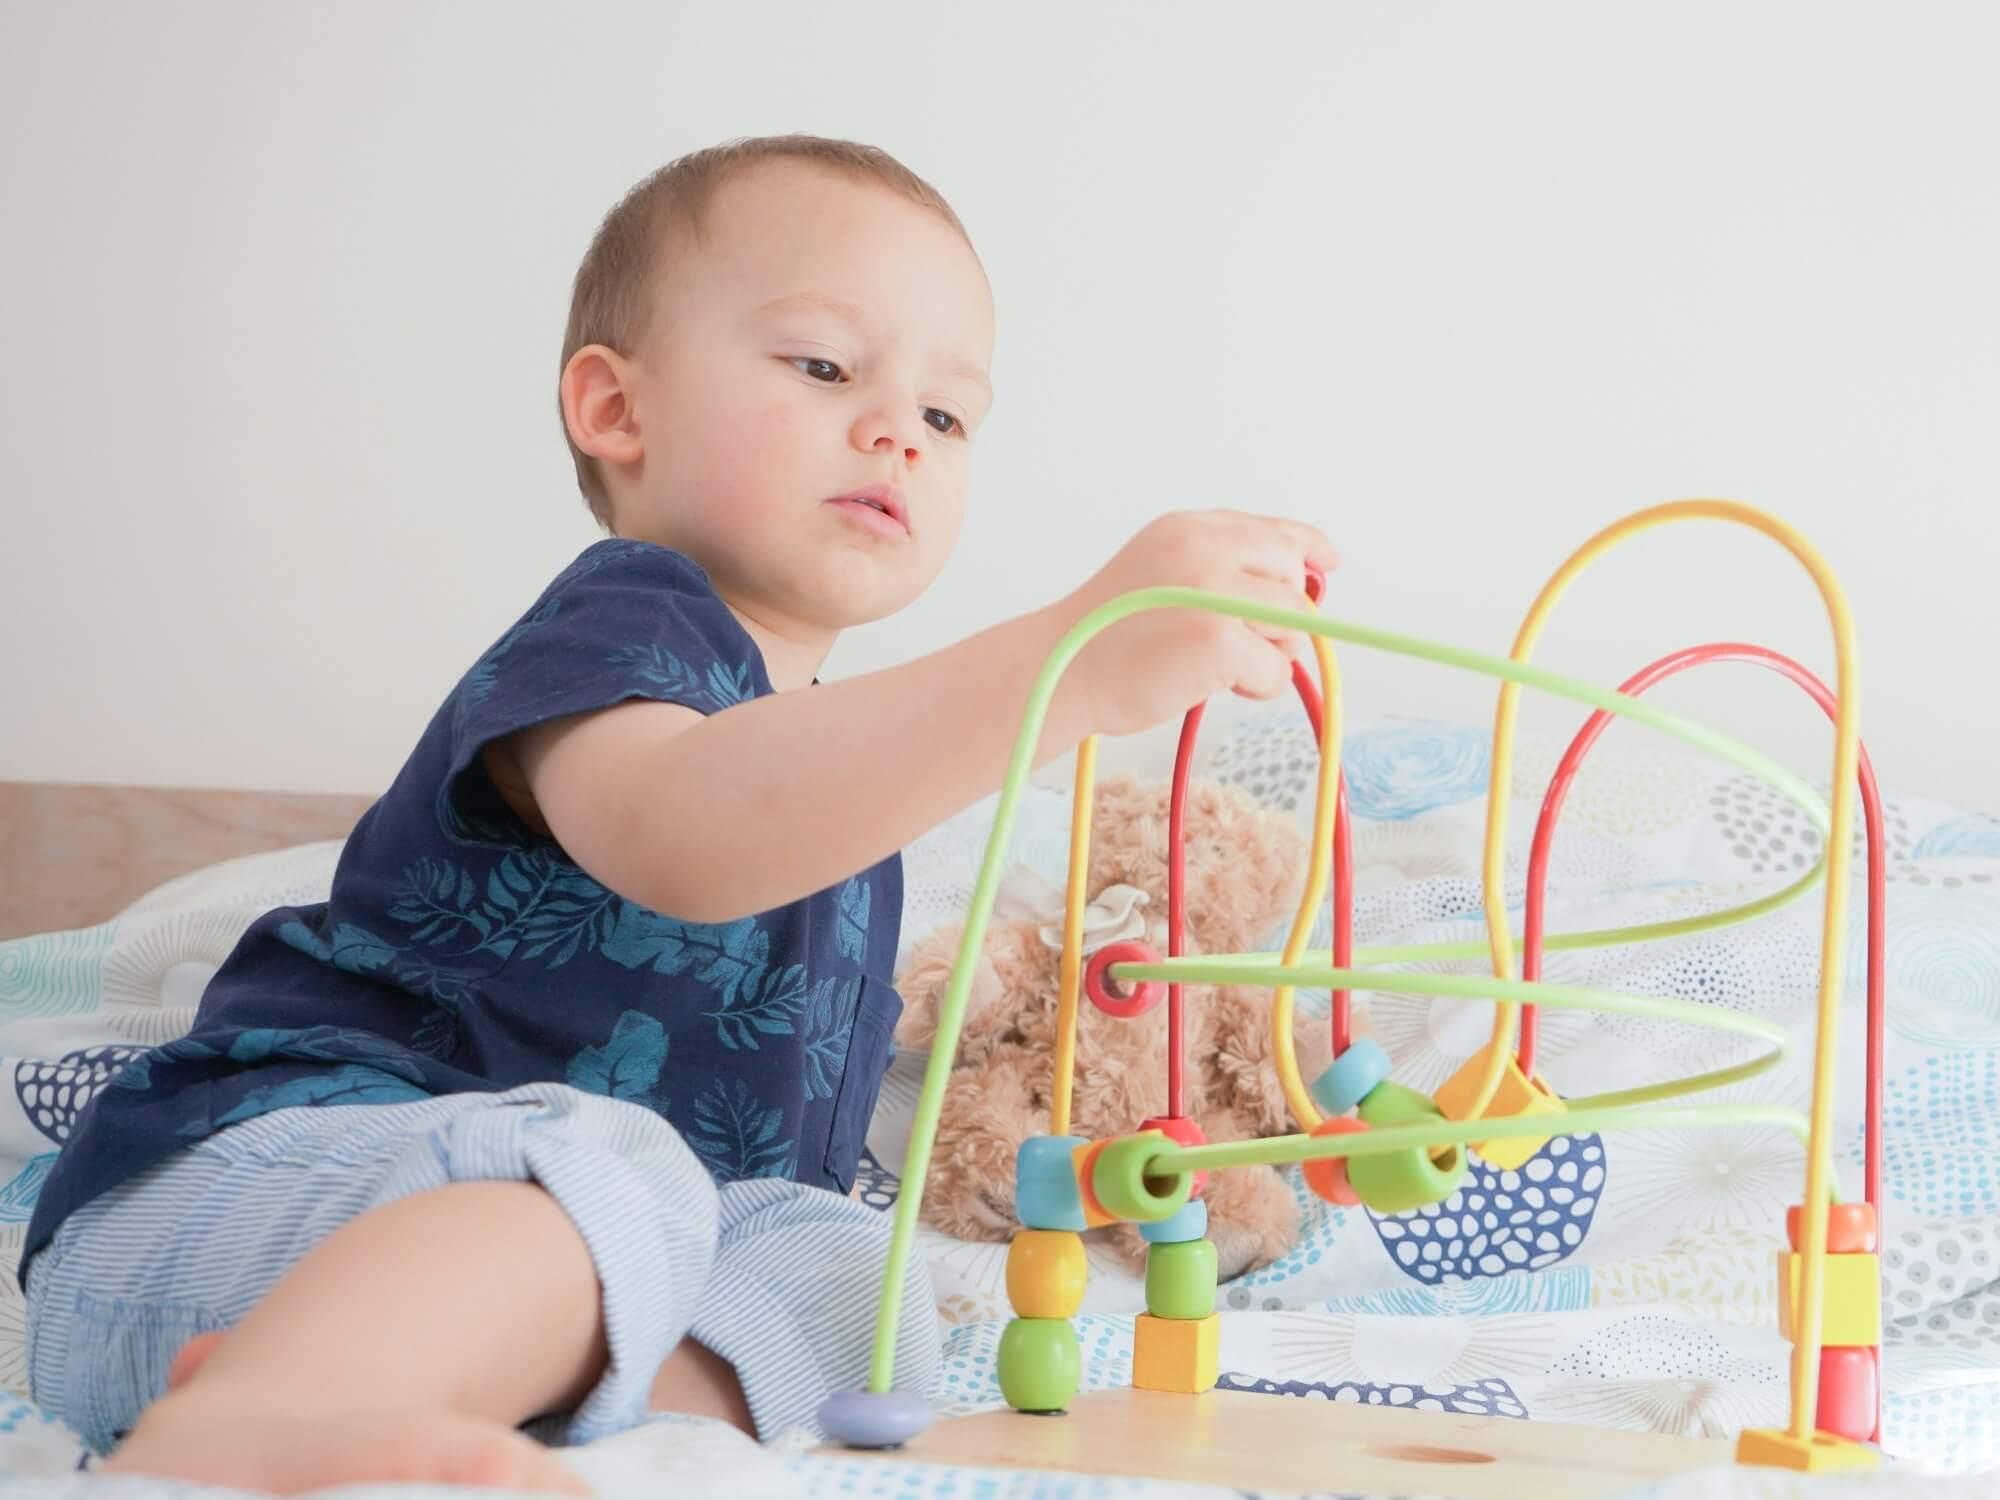 Enfant qui joue avec du matériel Montessori